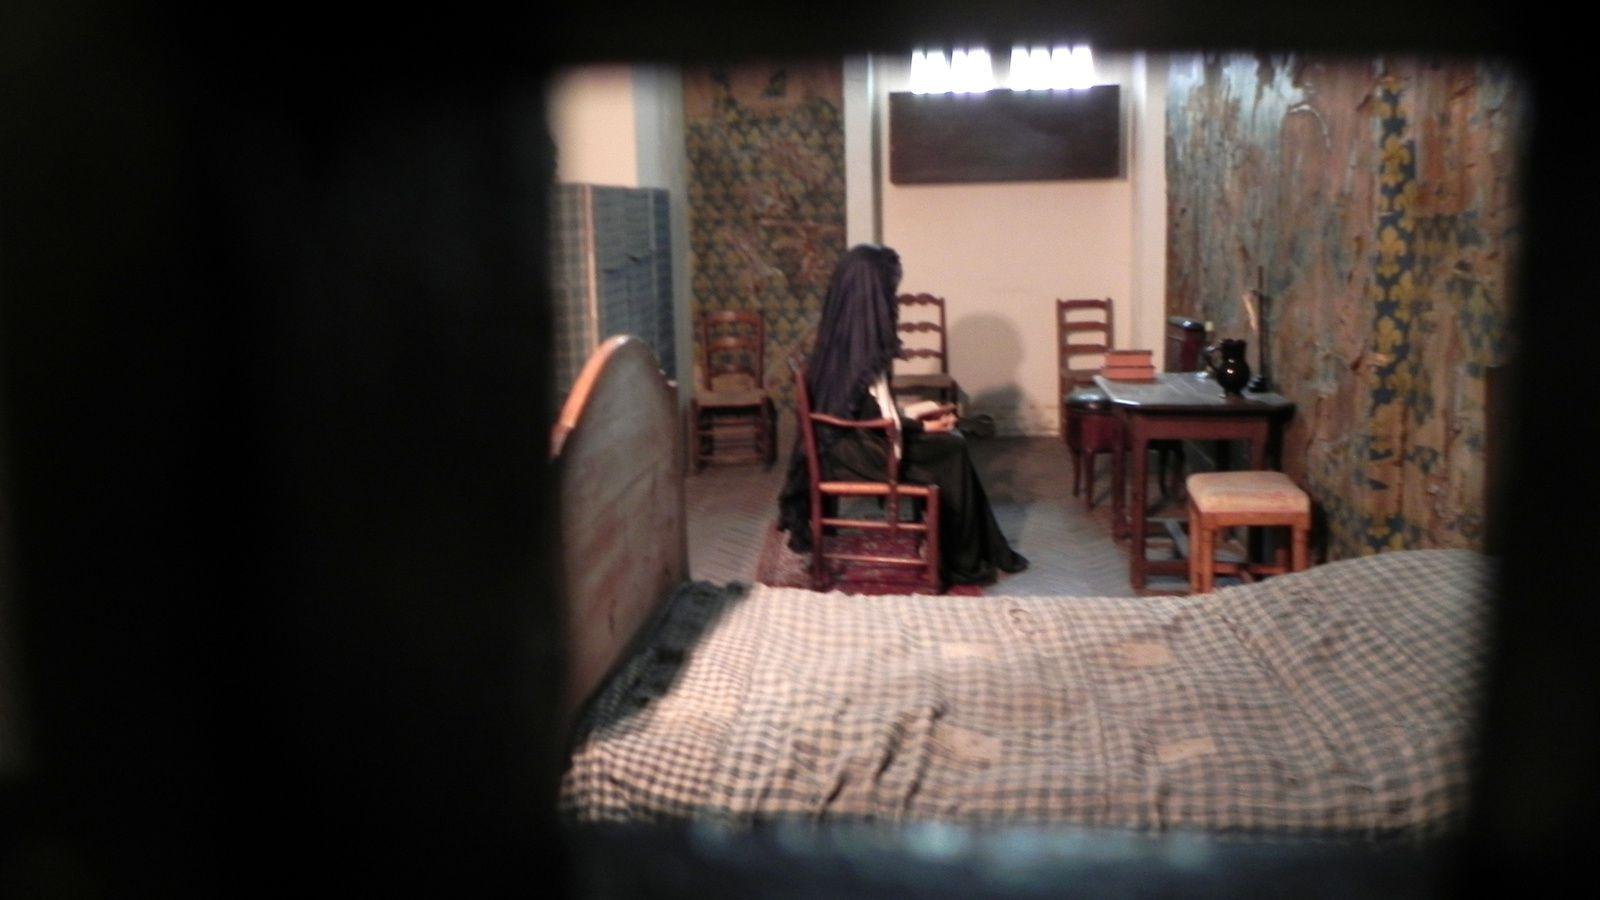 La cellule de Marie Antoinette vue par une ouverture dans une porte sur le côté.